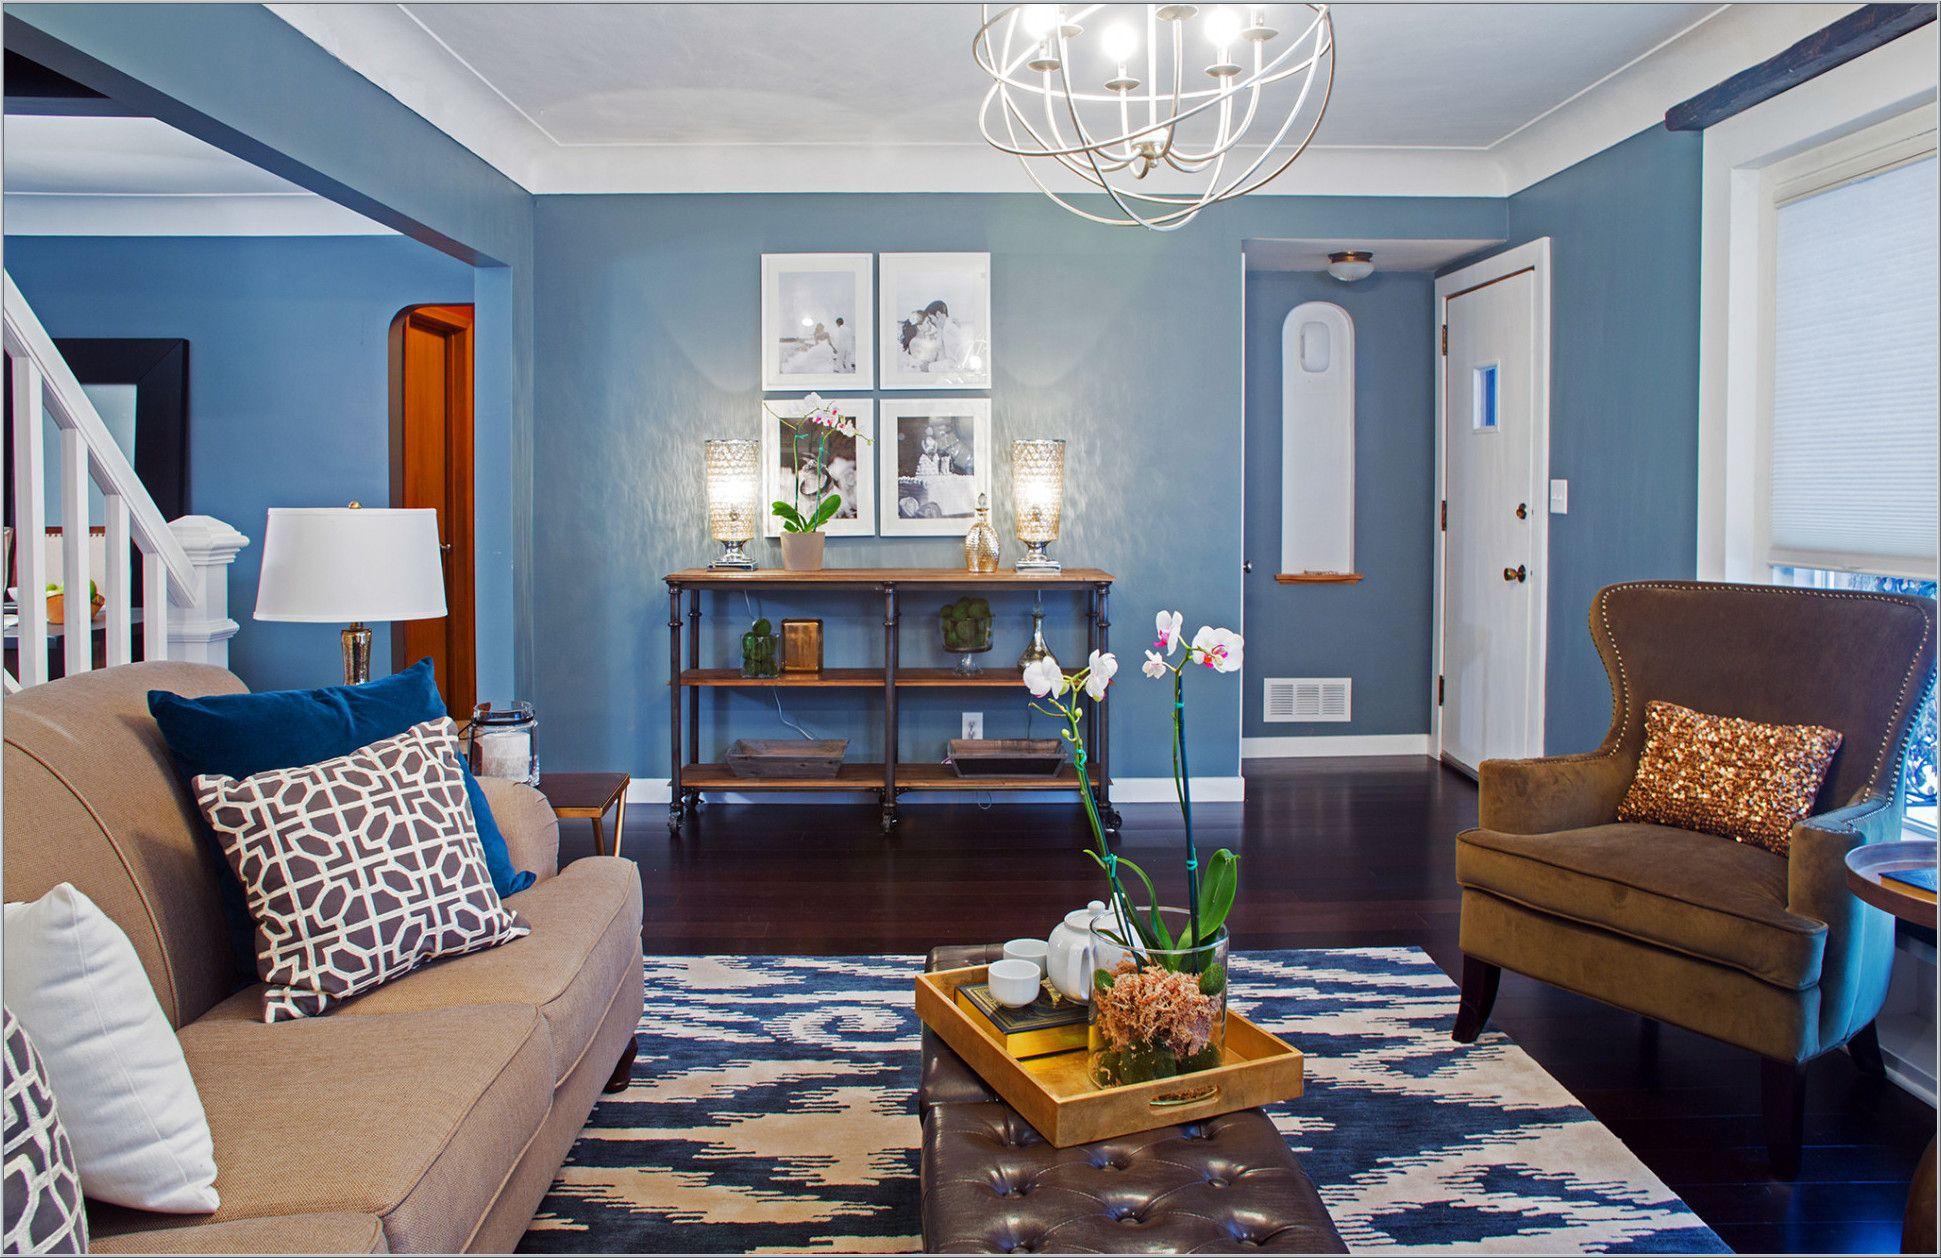 Interieur farbgestaltung des raumes  wohnung und haus zimmer farbideen  wohnung design